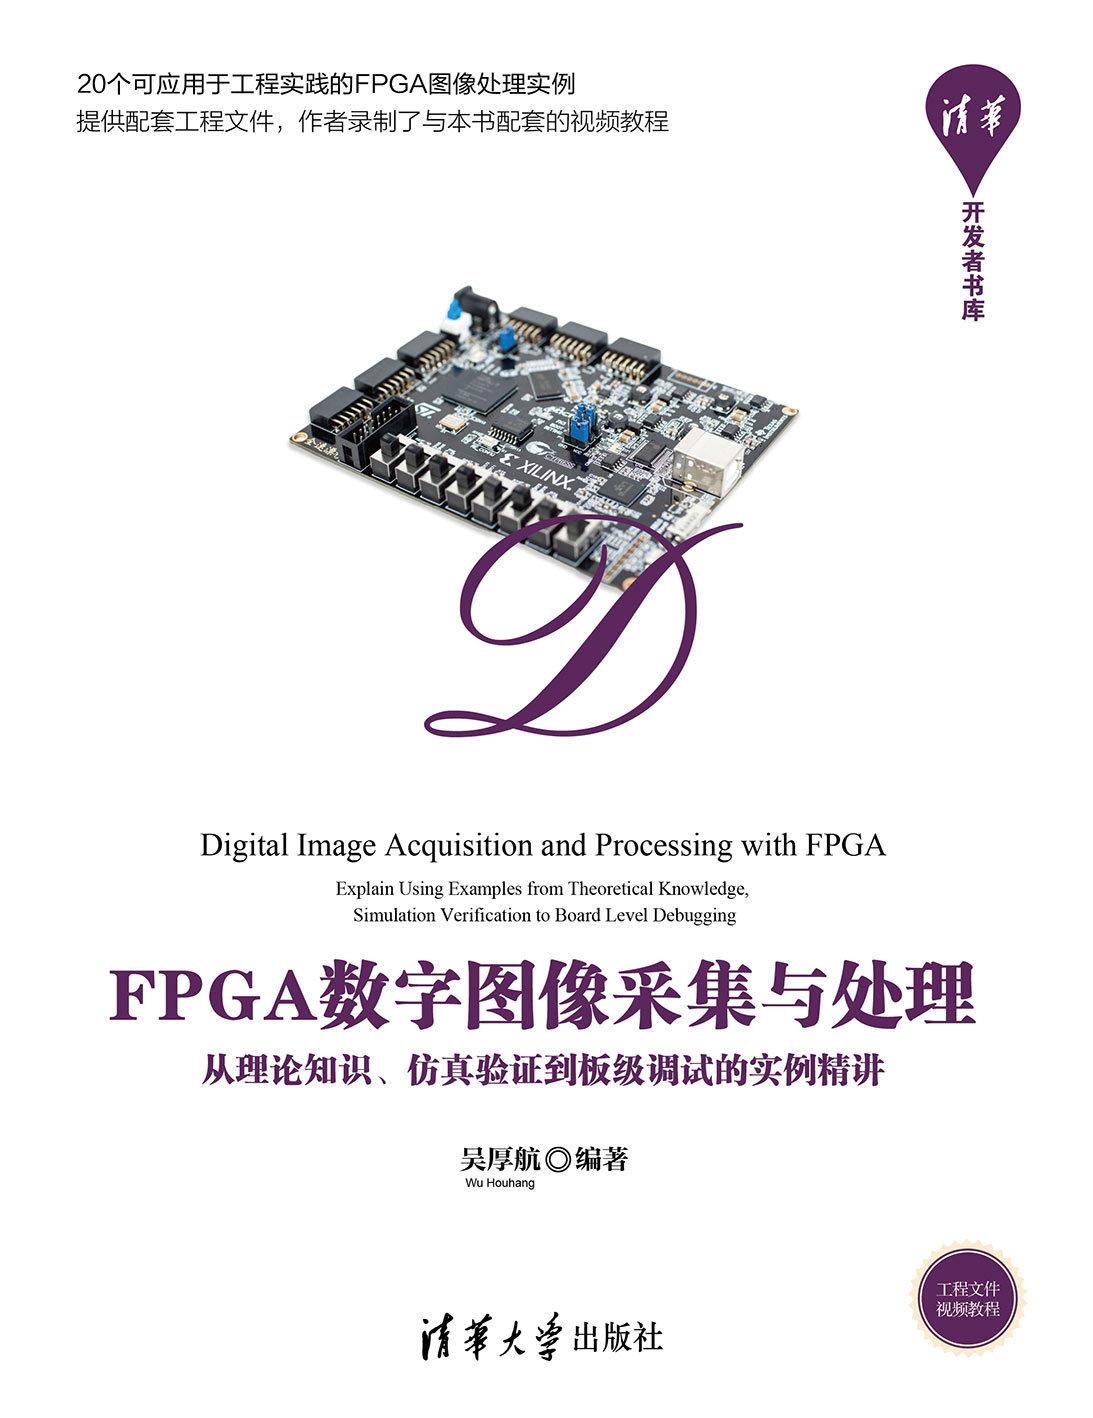 FPGA 數字圖像採集與處理 — 從理論知識、模擬驗證到板級調試的實例精講-preview-1